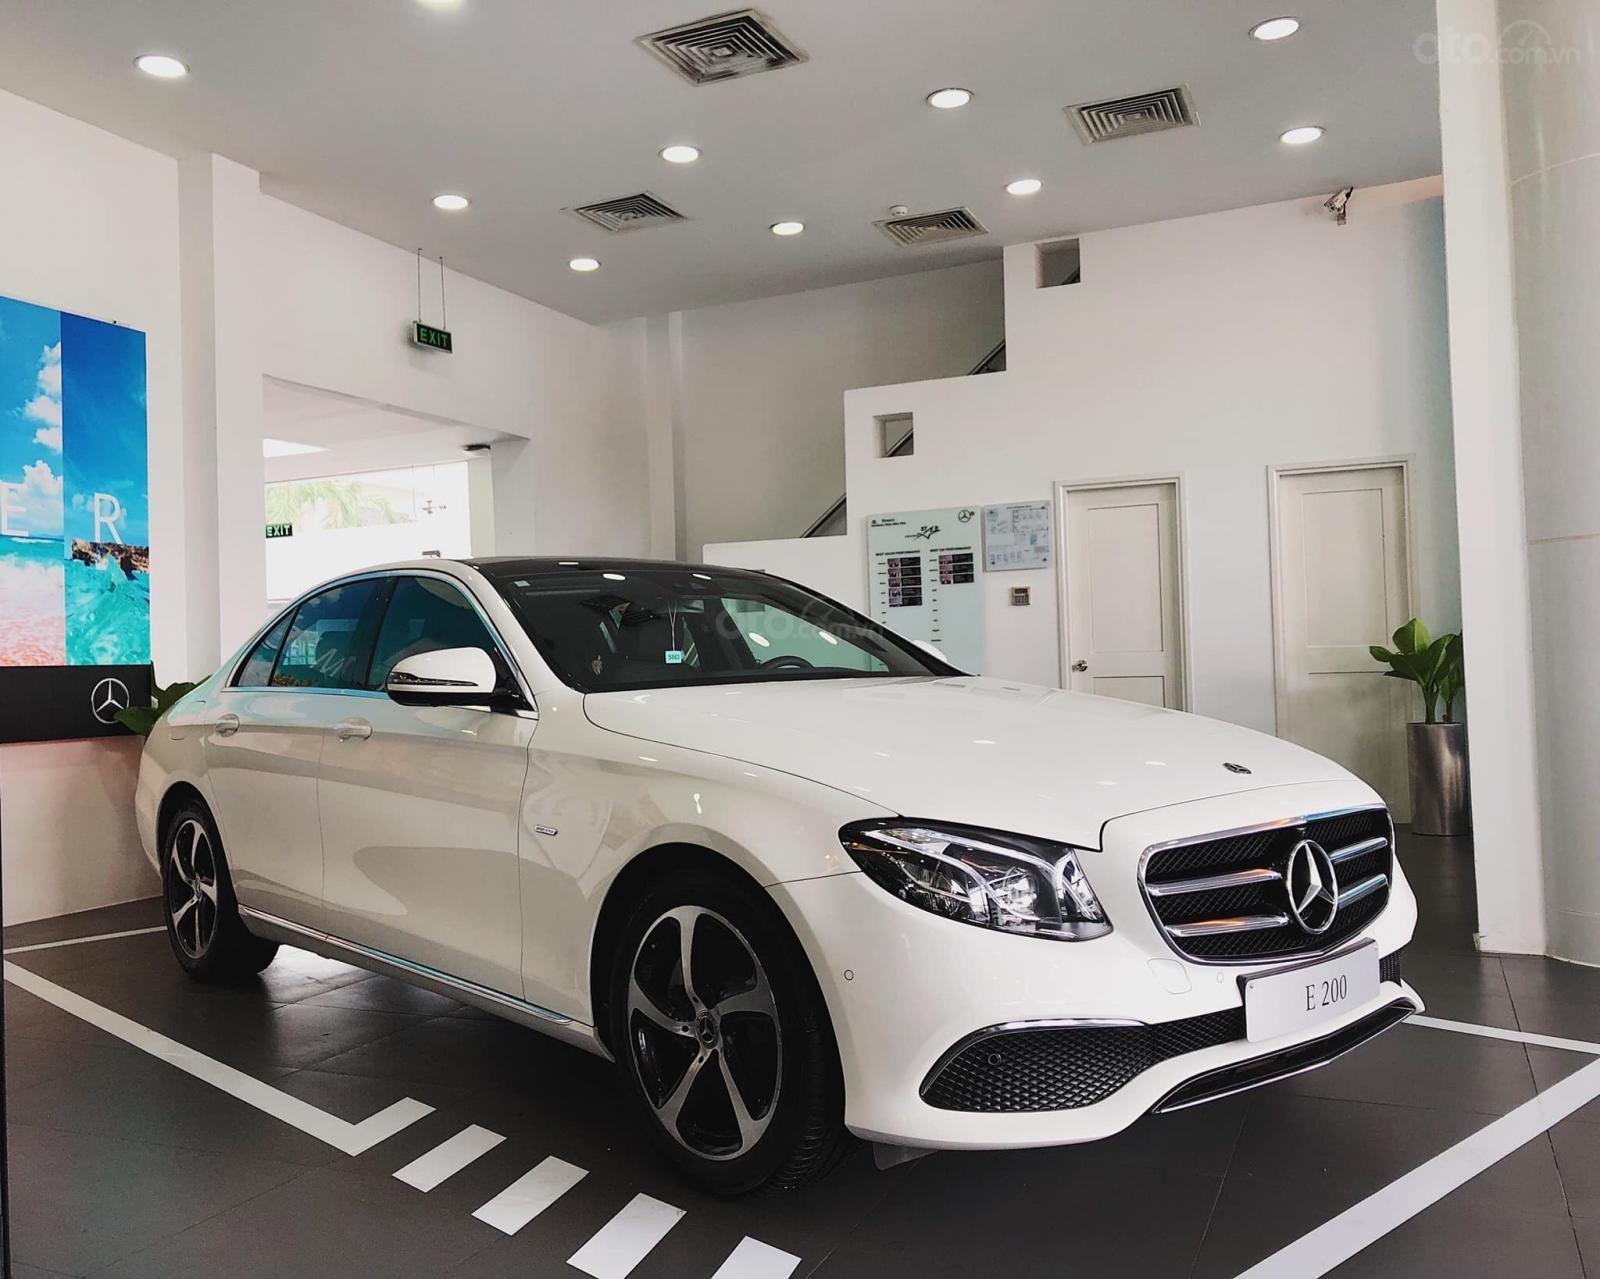 Giá xe Mercedes E200 Sport 2019, thông số, giá lăn bánh, khuyến mãi (12/2019), xe có sẵn giao ngay (9)